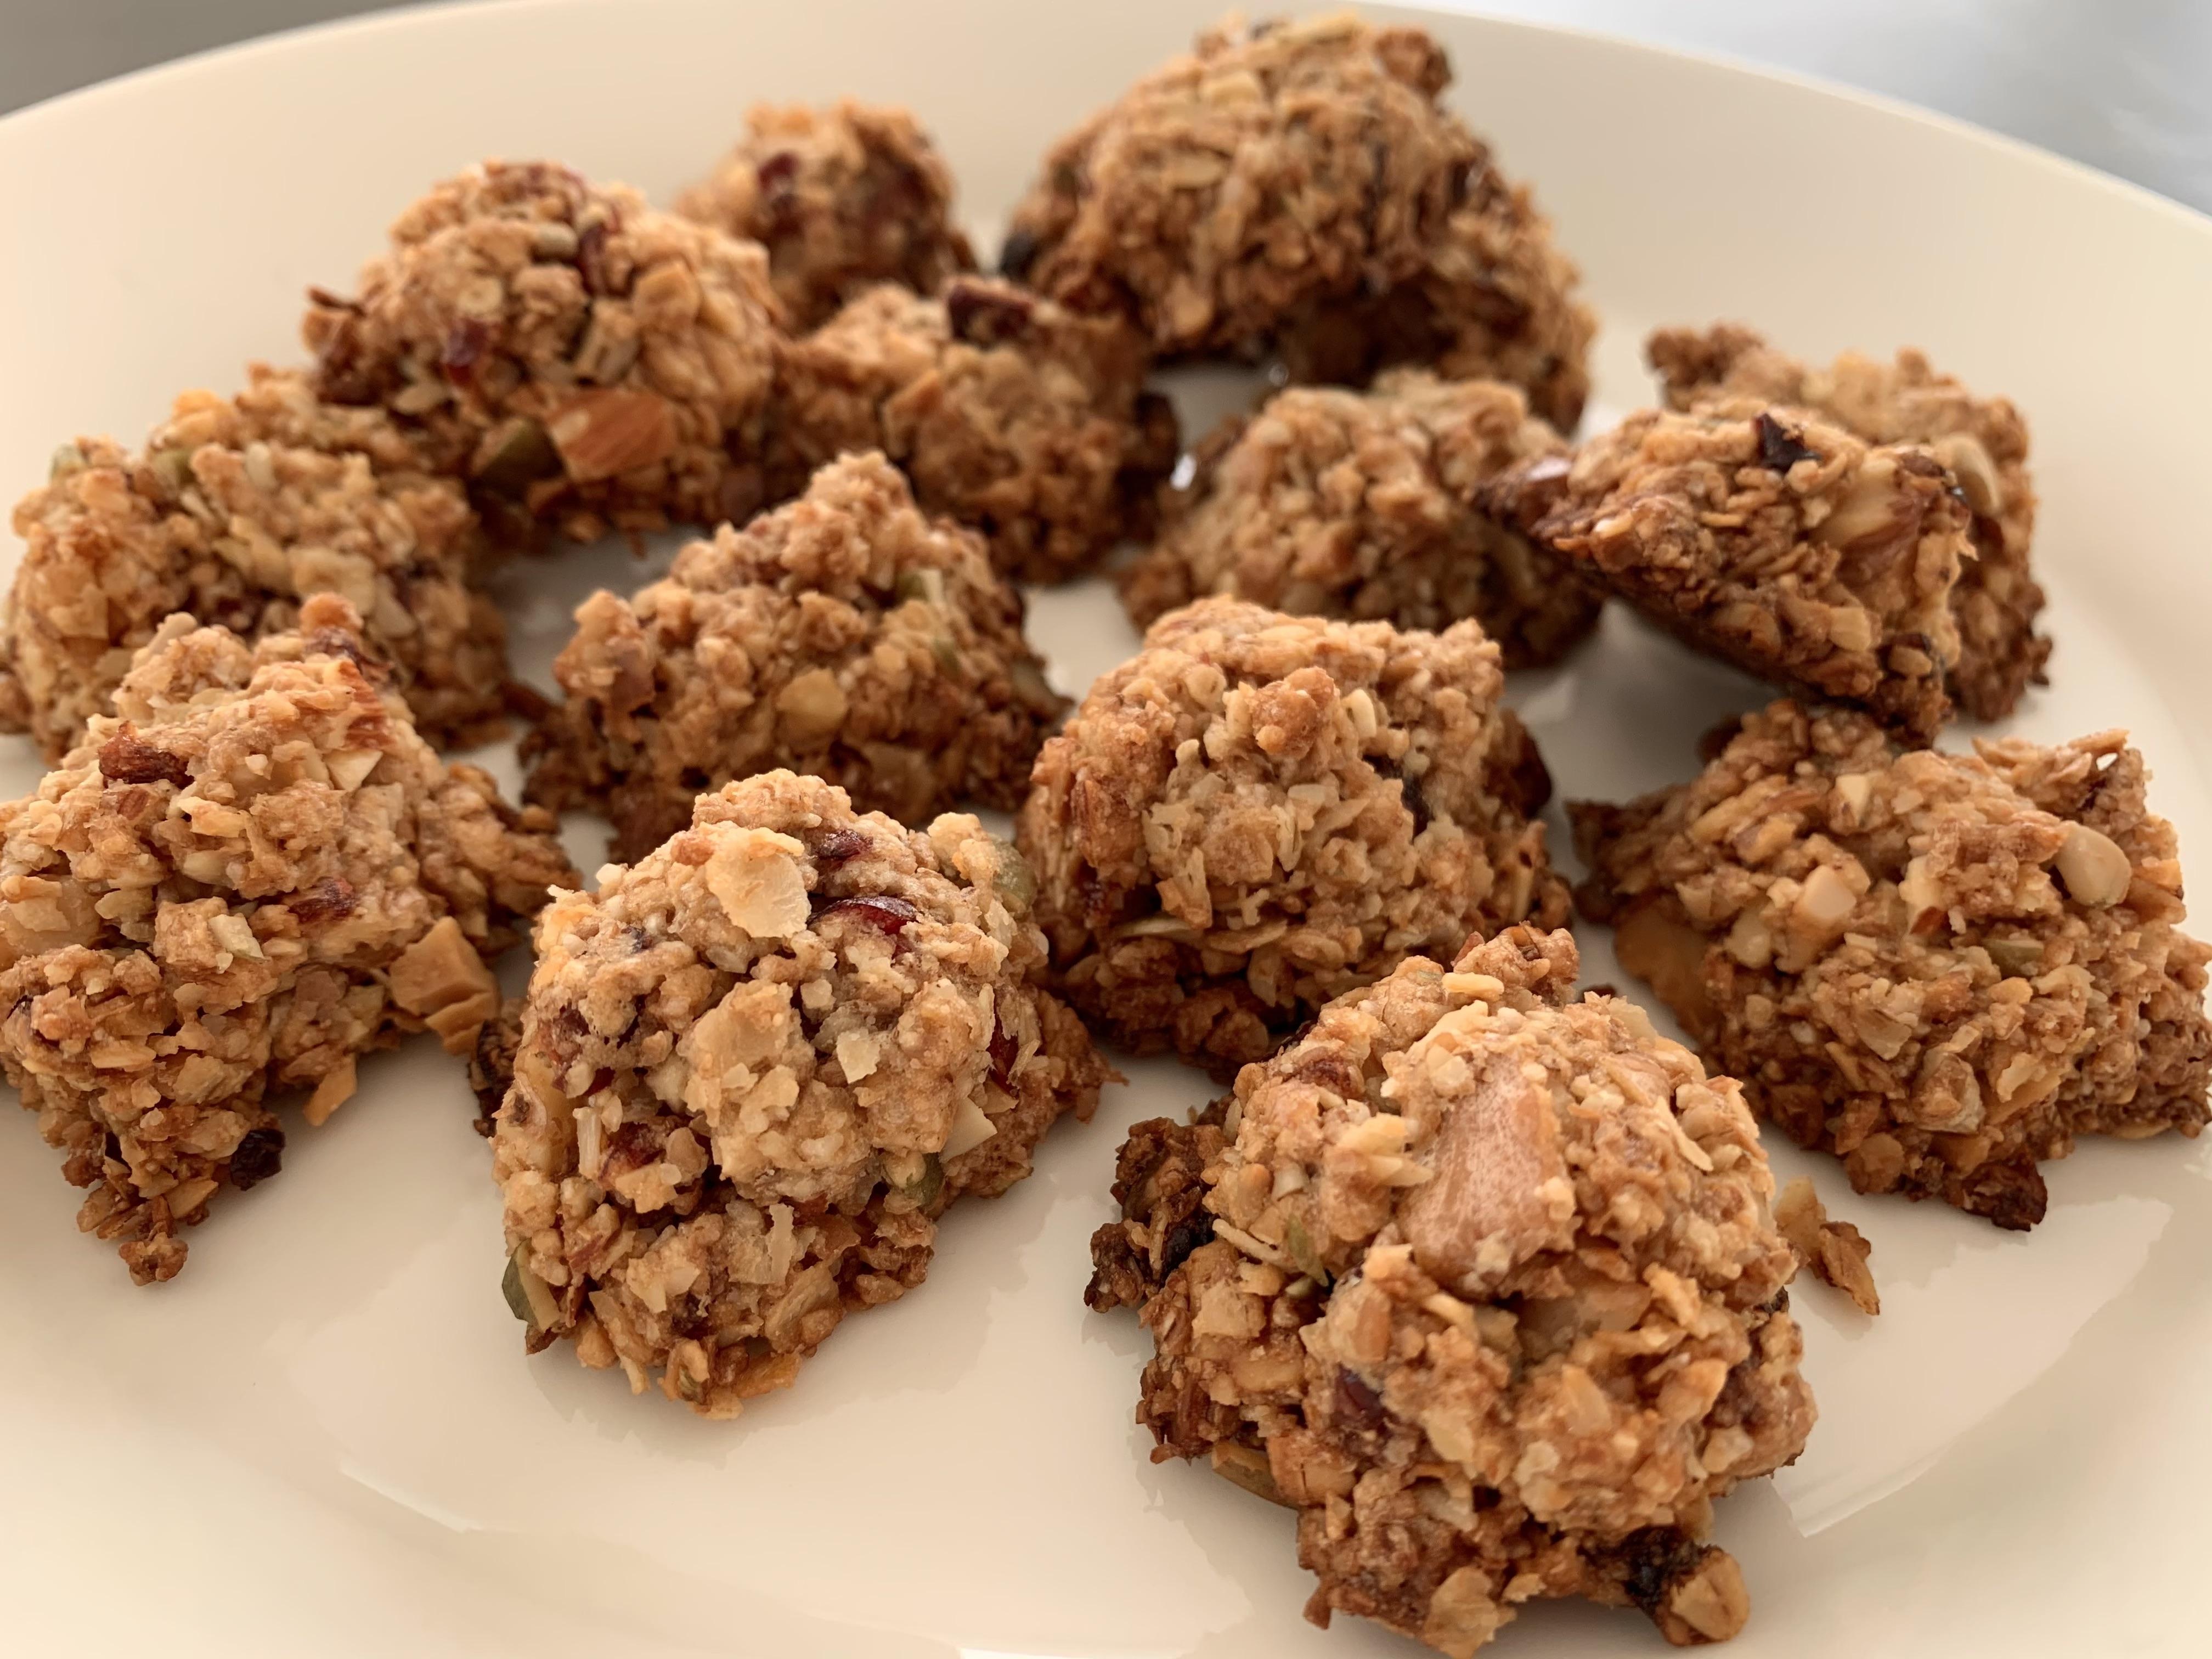 1月メニュー「メープルグラノーラクッキー」これ以上簡単なクッキーはないかも!?